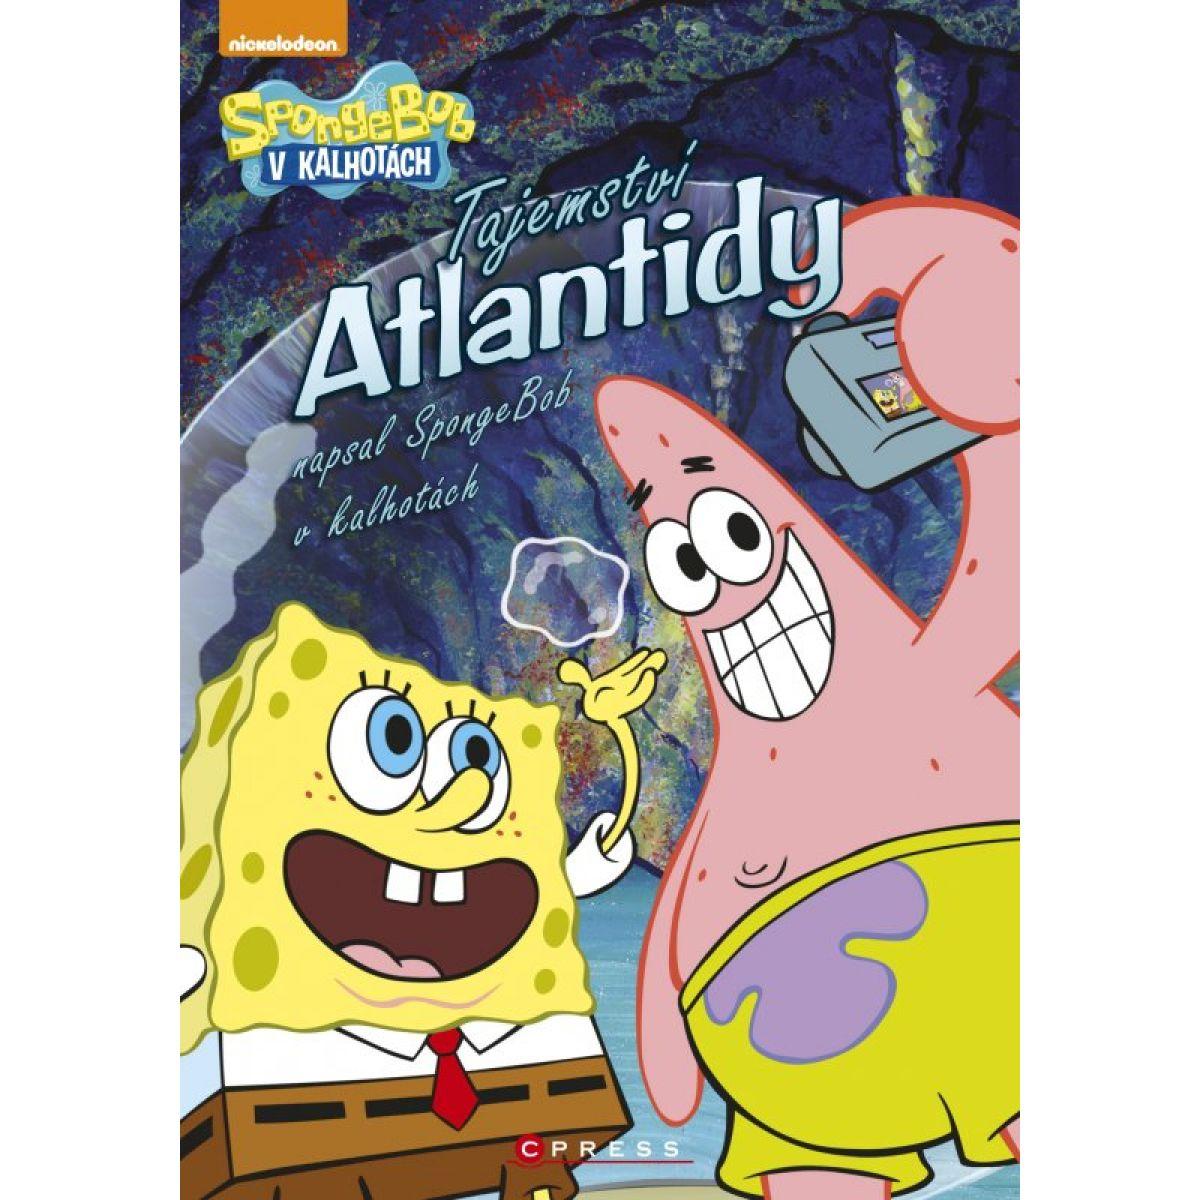 Cpress SpongeBob v kalhotách Tajemství Atlantidy